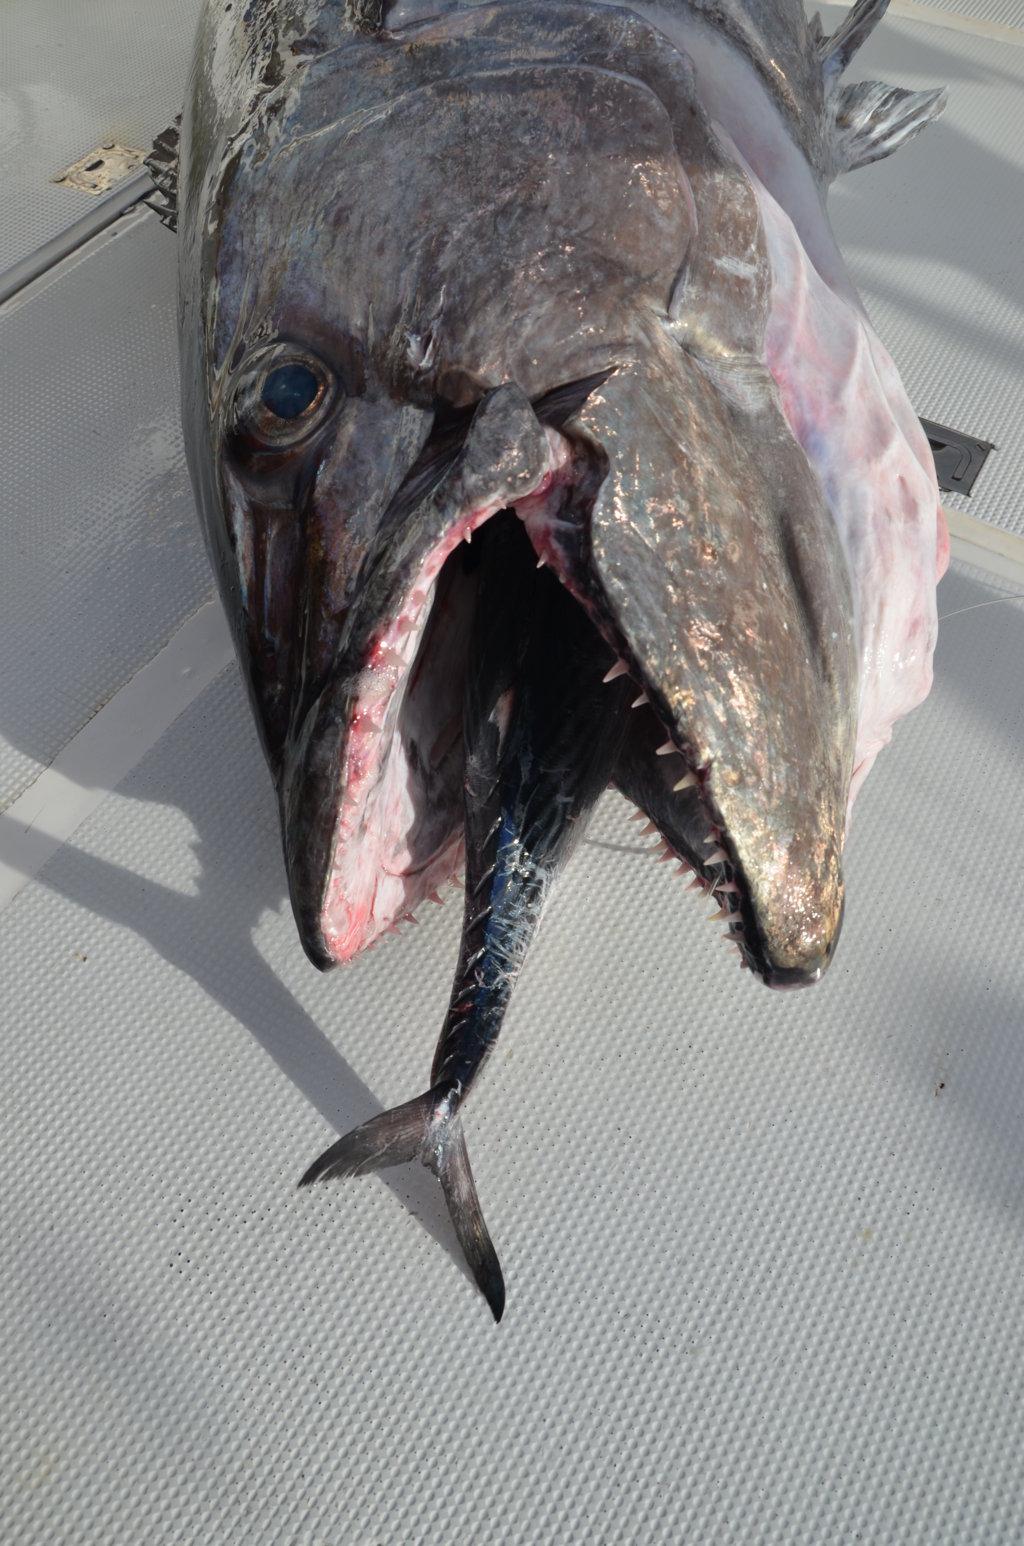 Thon à dents de chien pris à l'appât - Rod Fishing Club - Ile Rodrigues - Maurice - Océan Indien